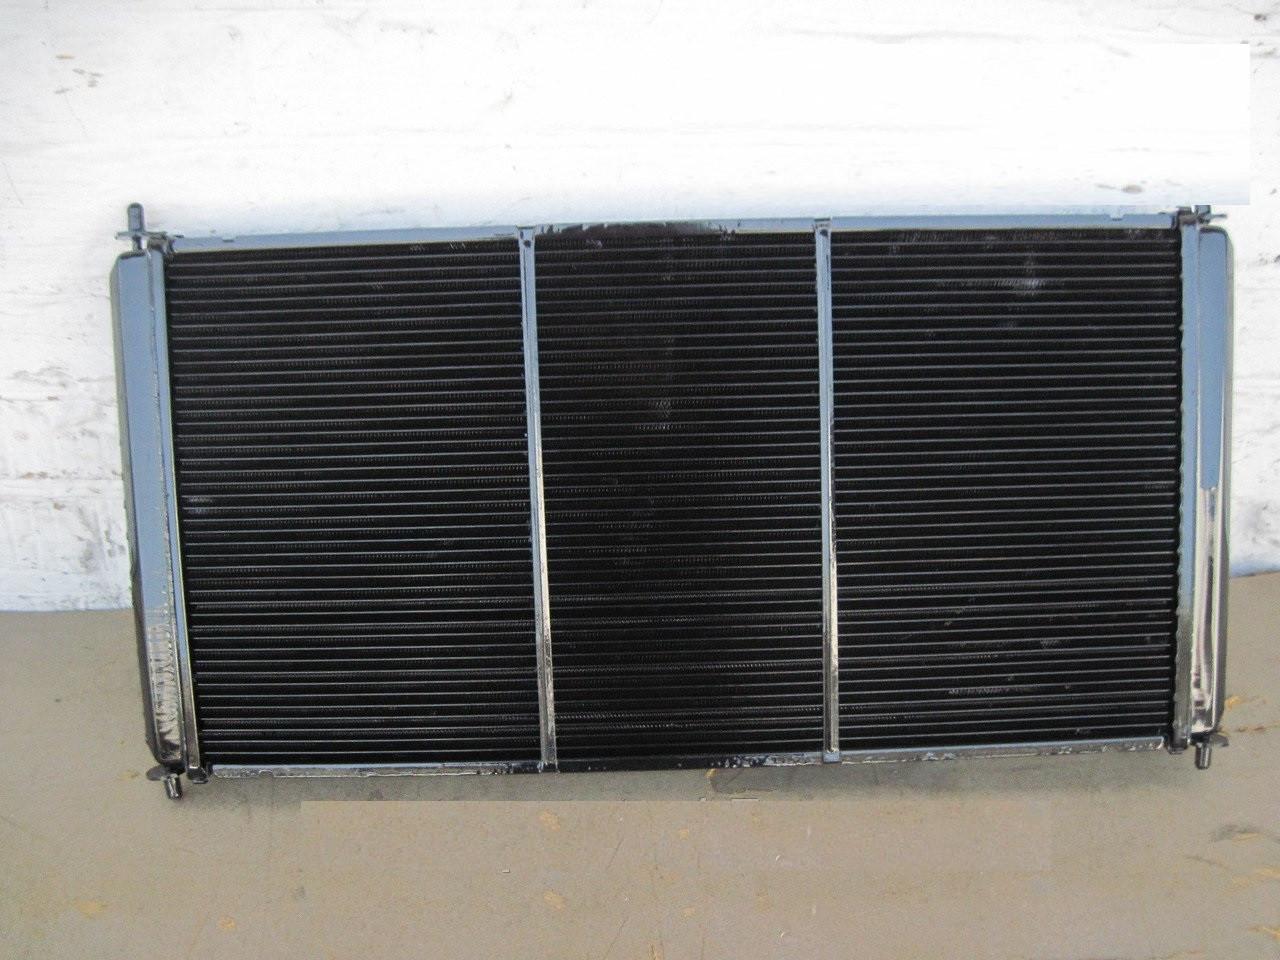 Радиатор вод. охлажд.  (3-х рядн.) (пр-во г.Оренбург), 21236Х2.1301.012-10